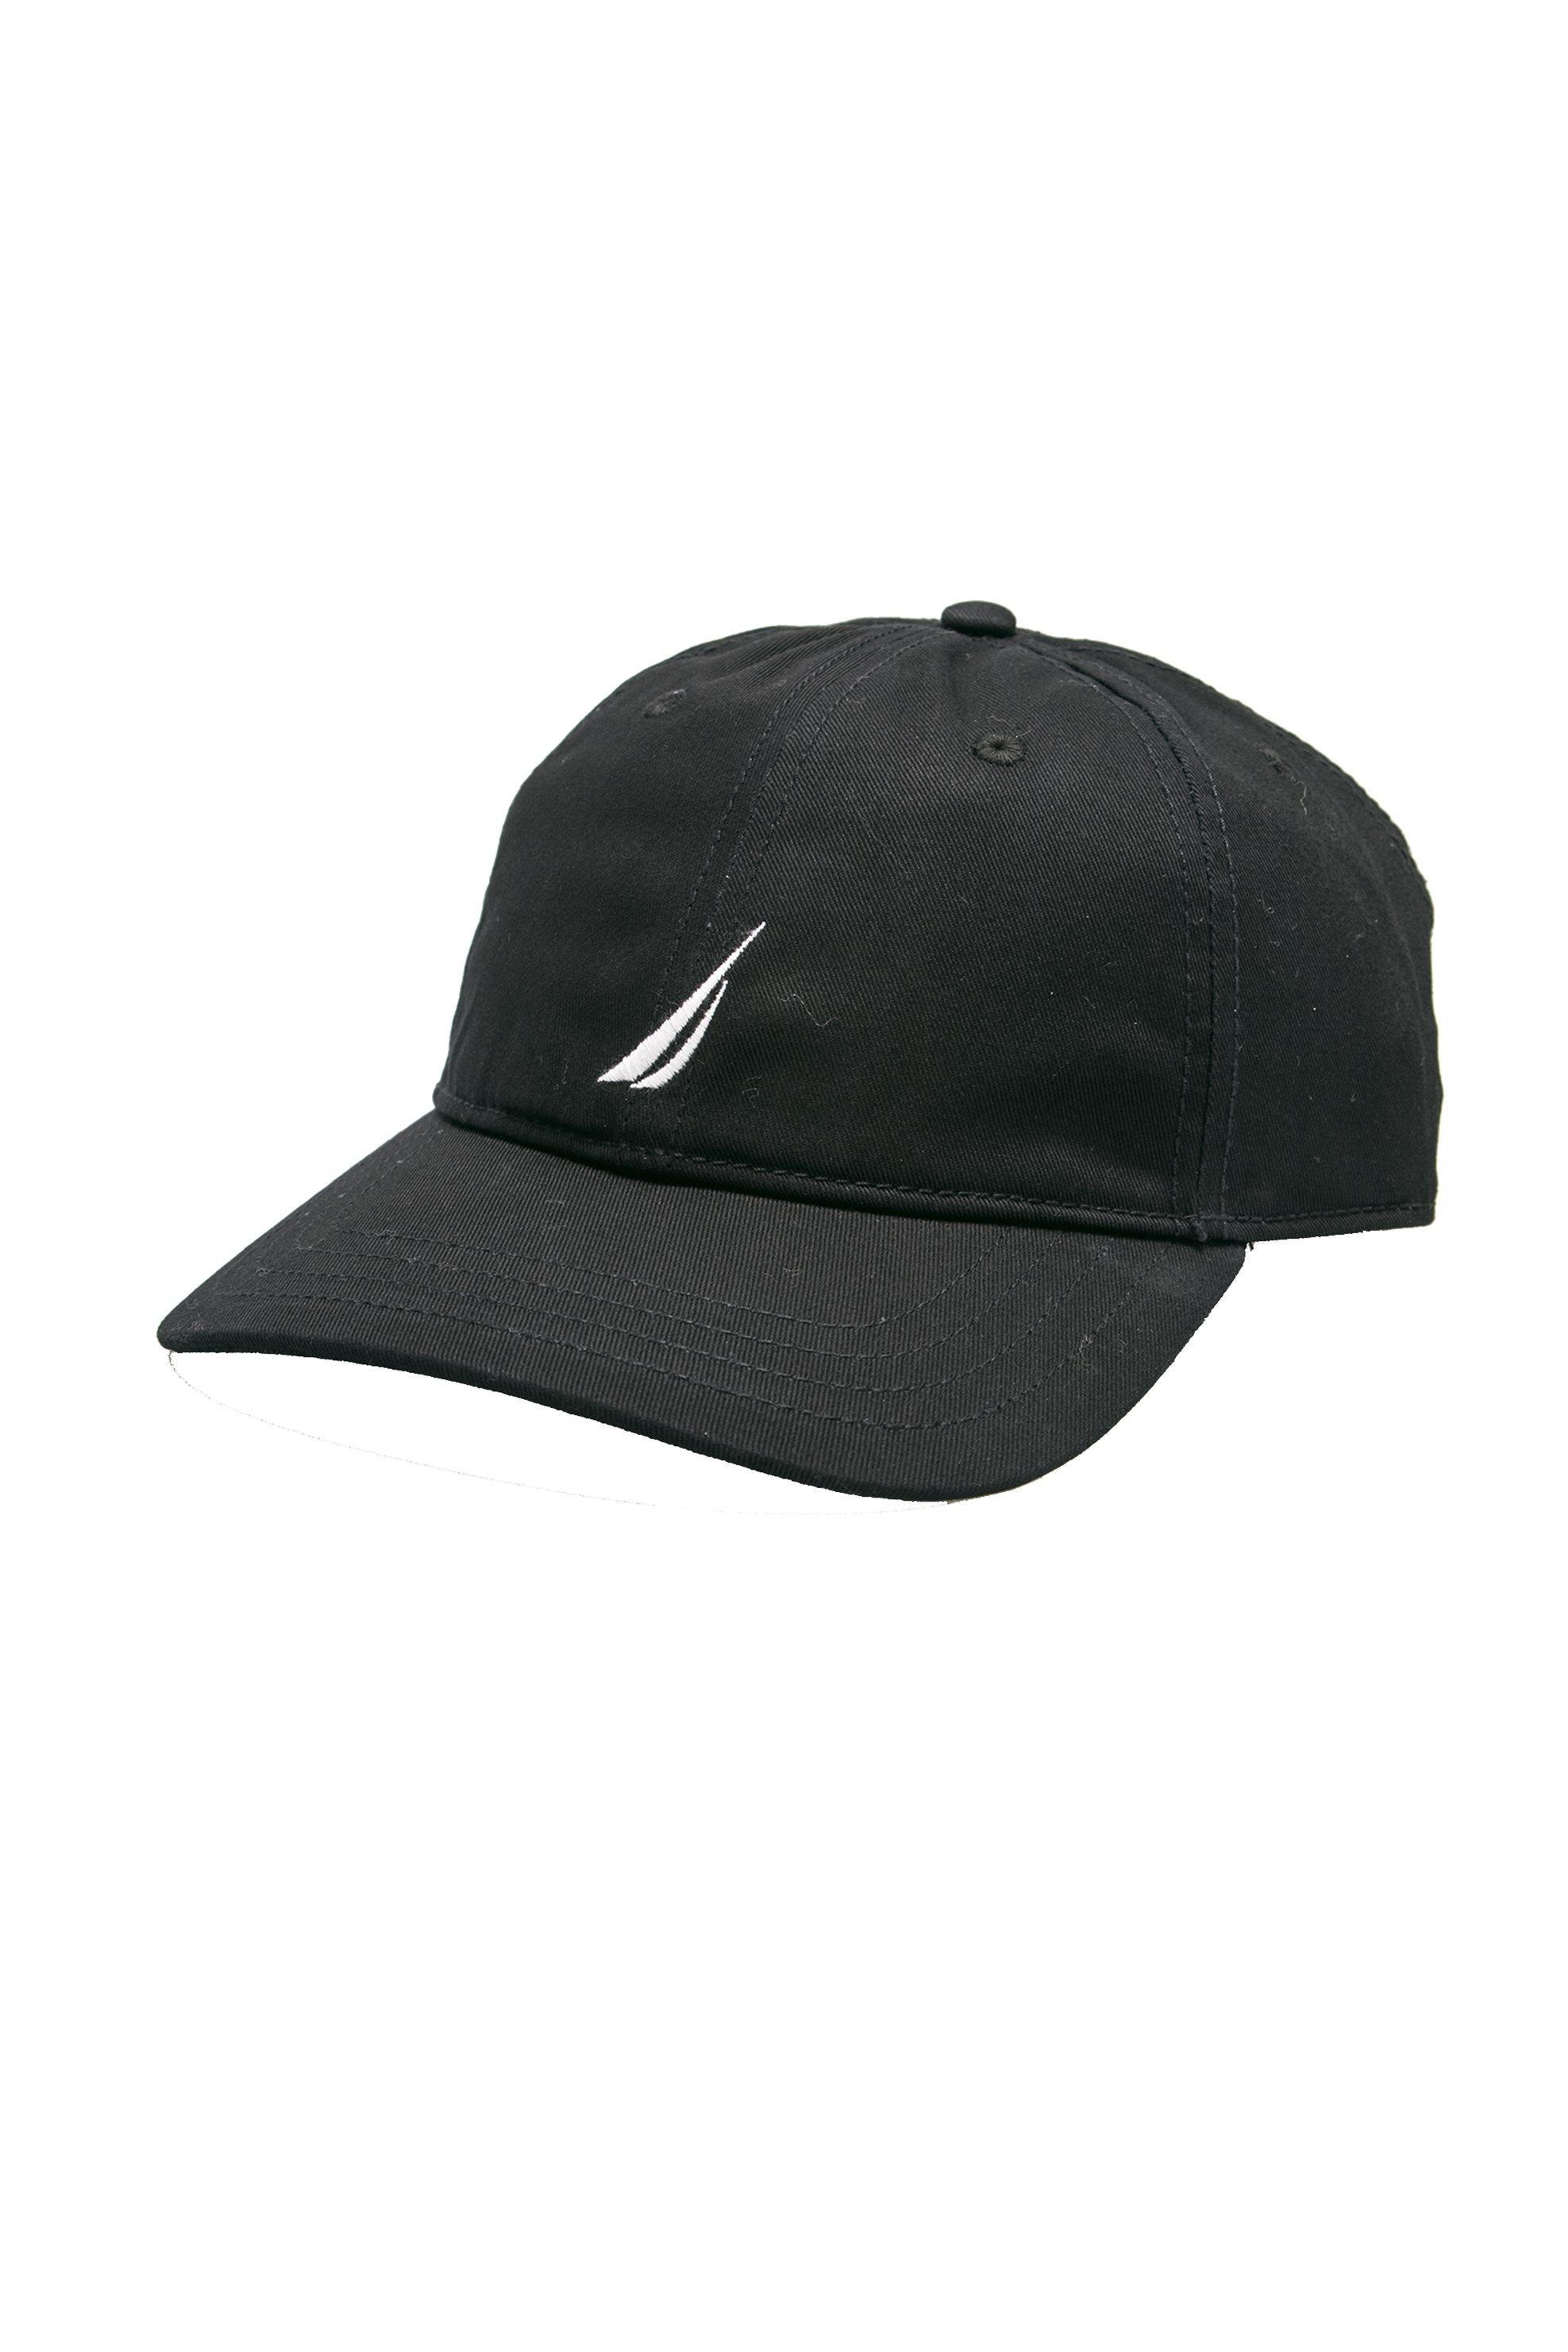 Ανδρικό καπέλο Nautica - H71055 - Μαύρο ανδρασ   αξεσουαρ   καπέλα